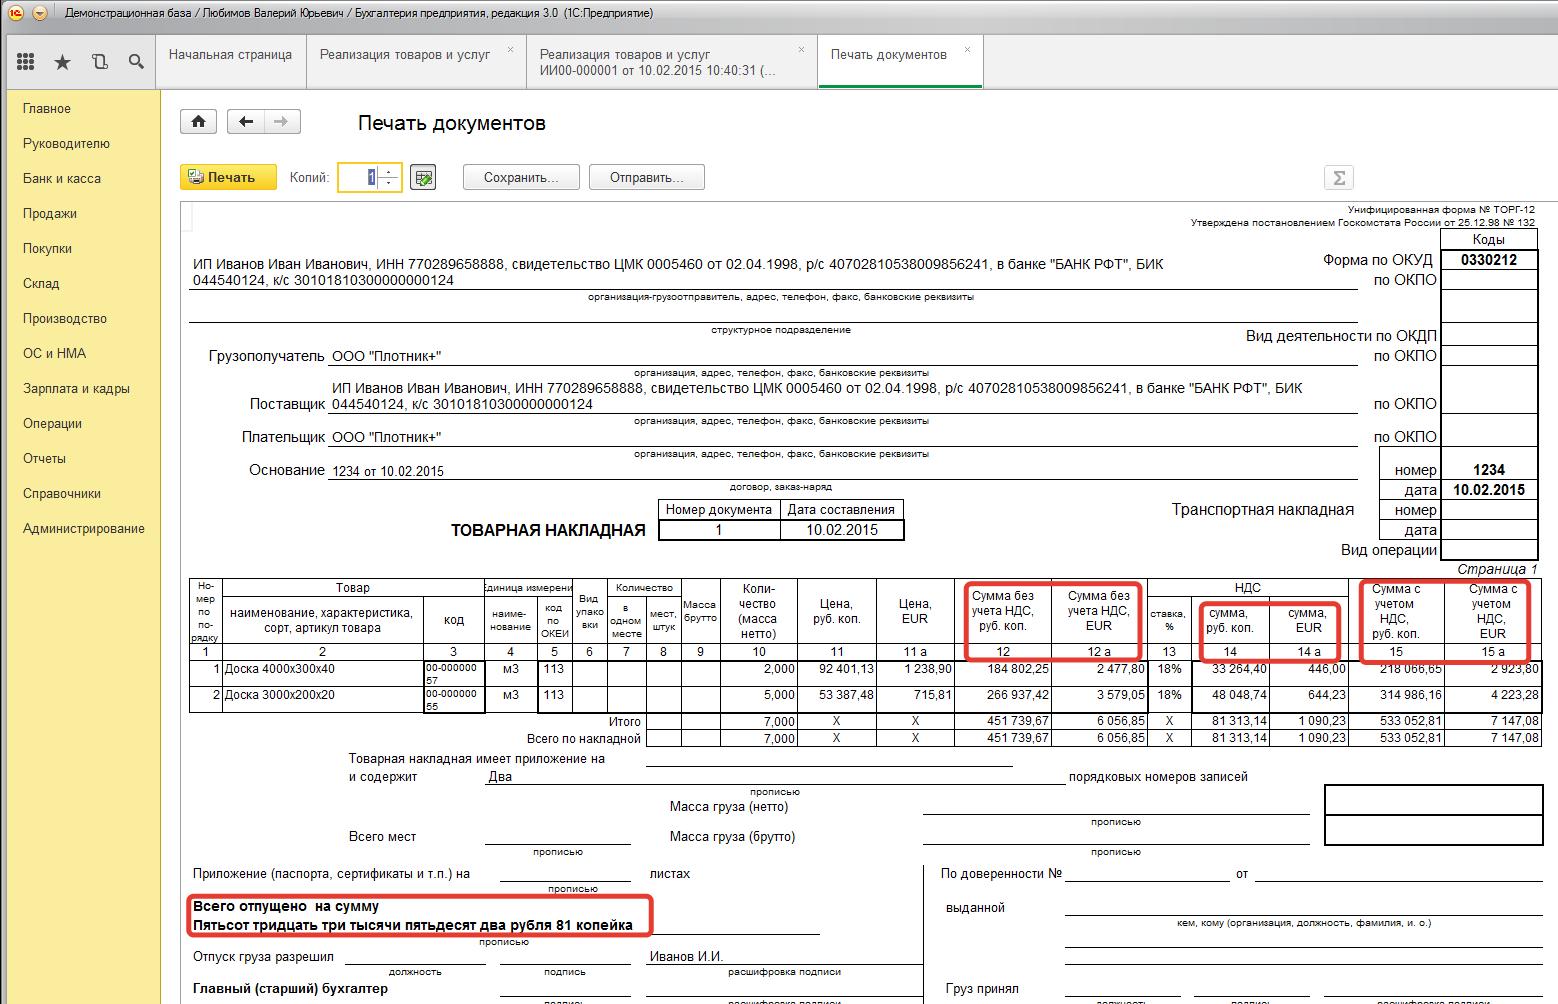 Как выписать налоговую накладную в 1С 8.2. при помощи обработки